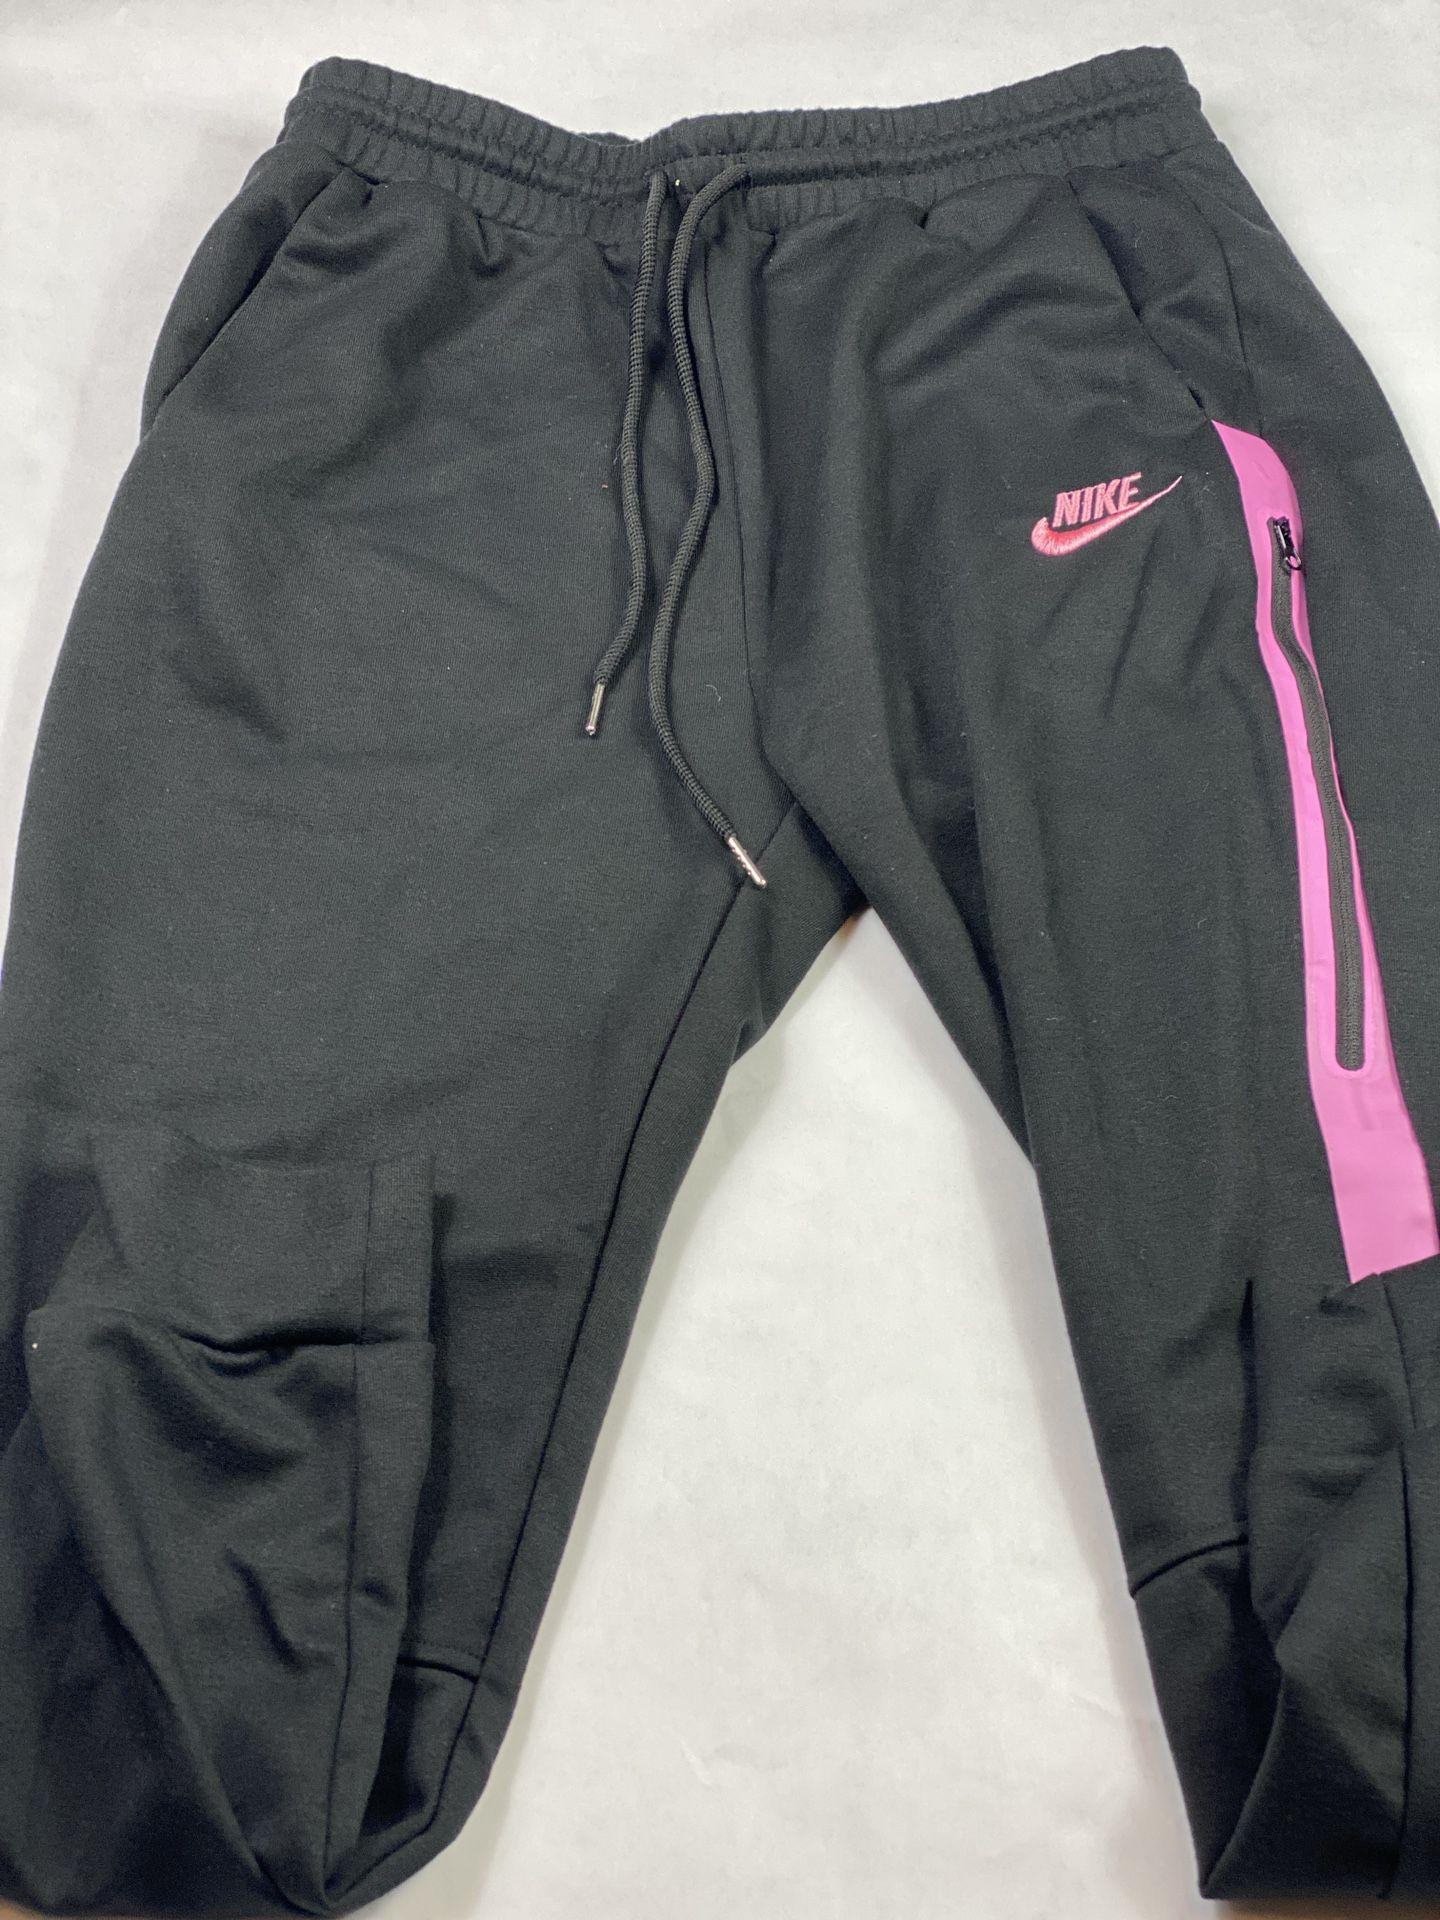 Black & Pink Nike Sweatsuit Medium